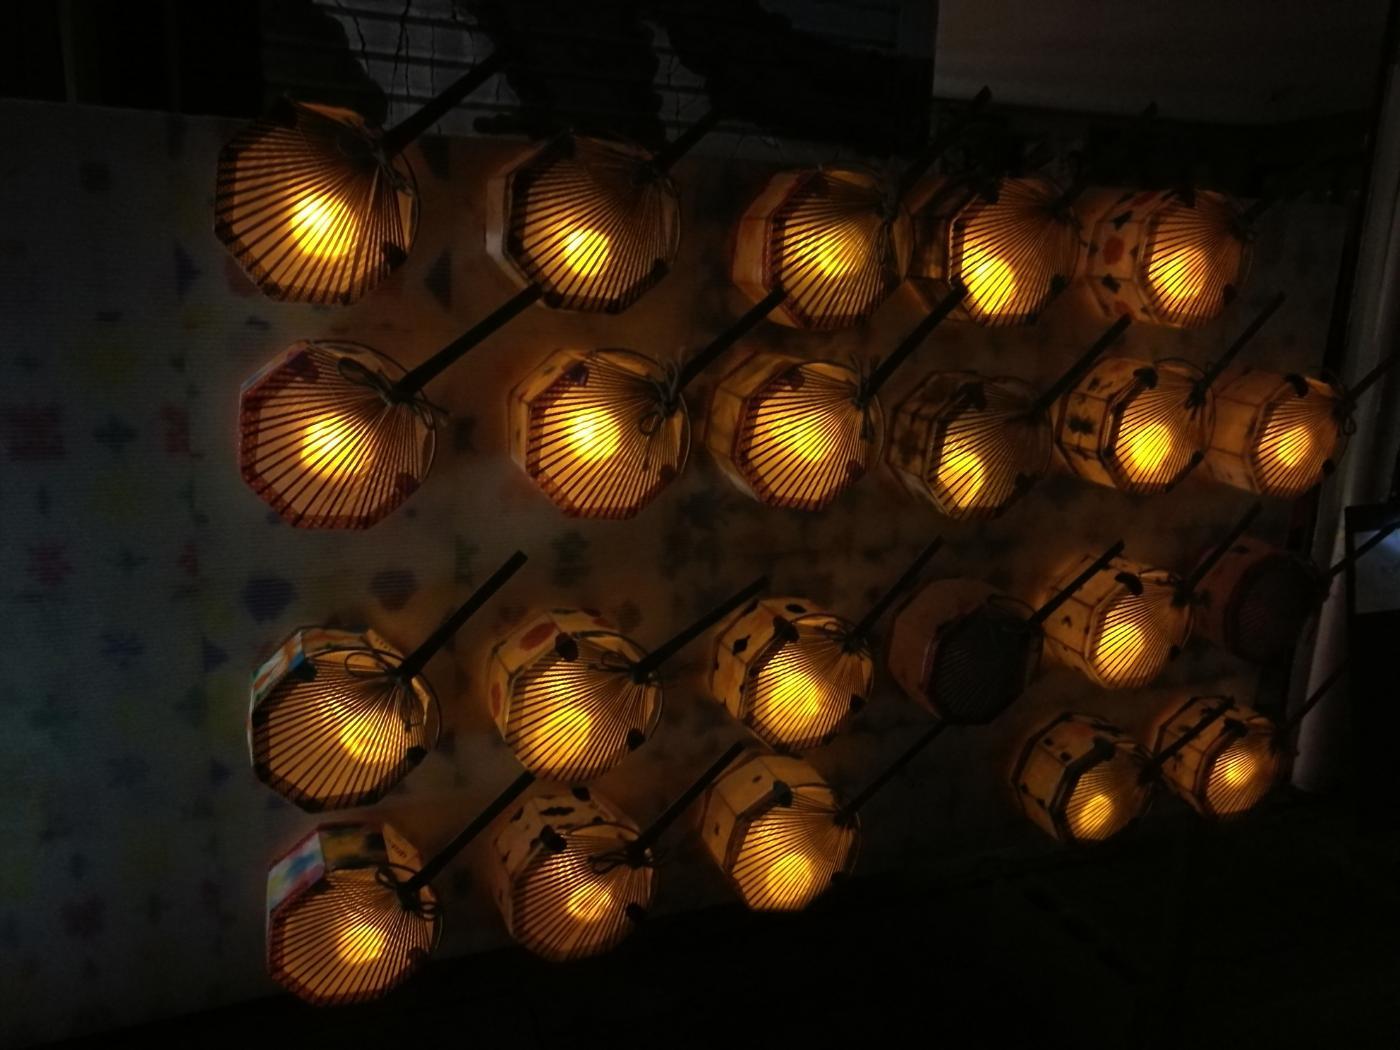 おしろのまちの市夜市レンタル提灯